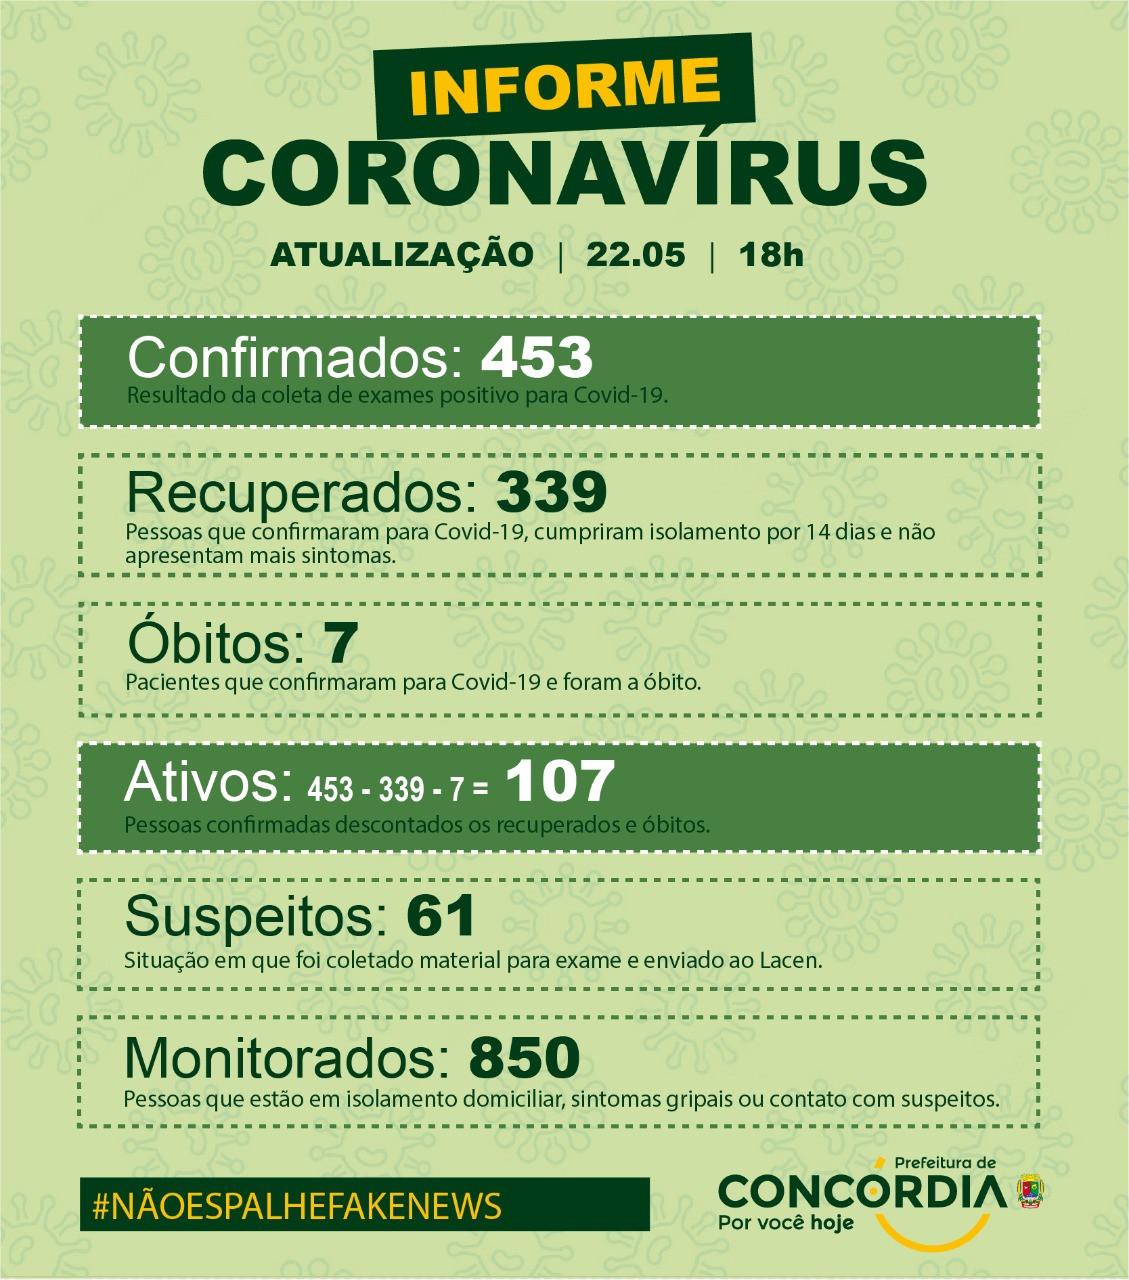 Menina de 1 ano é confirmada com coronavírus em Concórdia